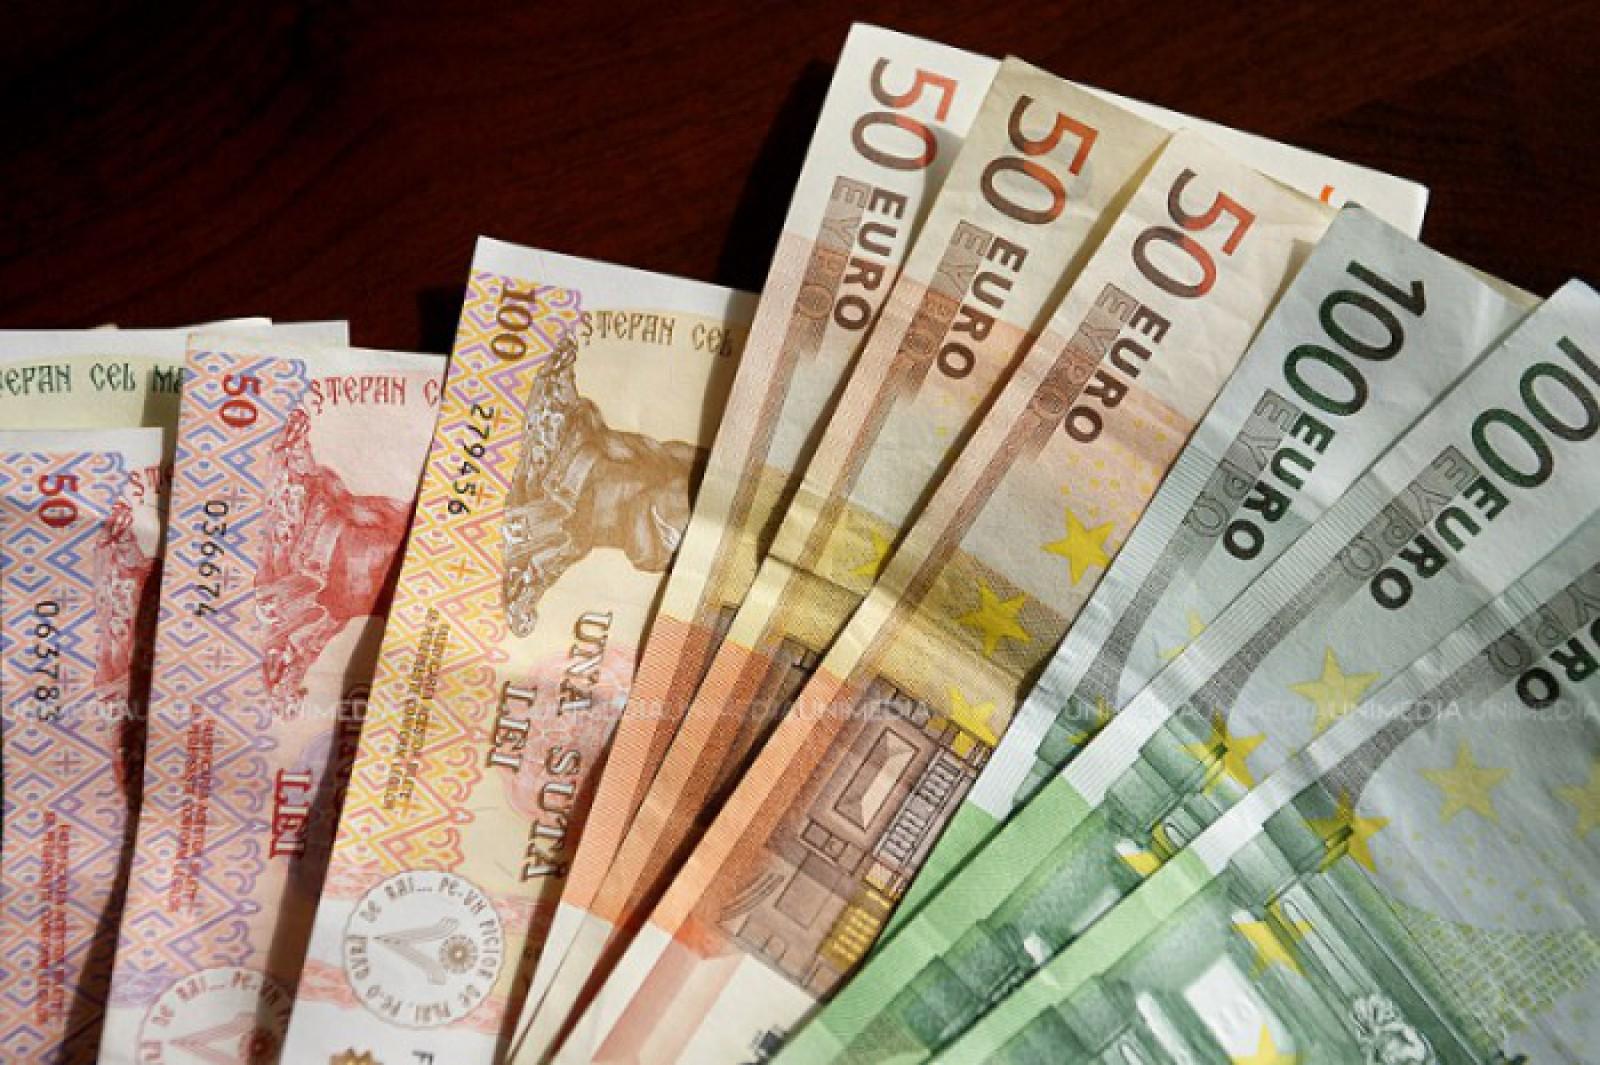 Mold-street: Lichiditatea excesivă în sistemul bancar, un potenţial risc de instabilitate pentru economie